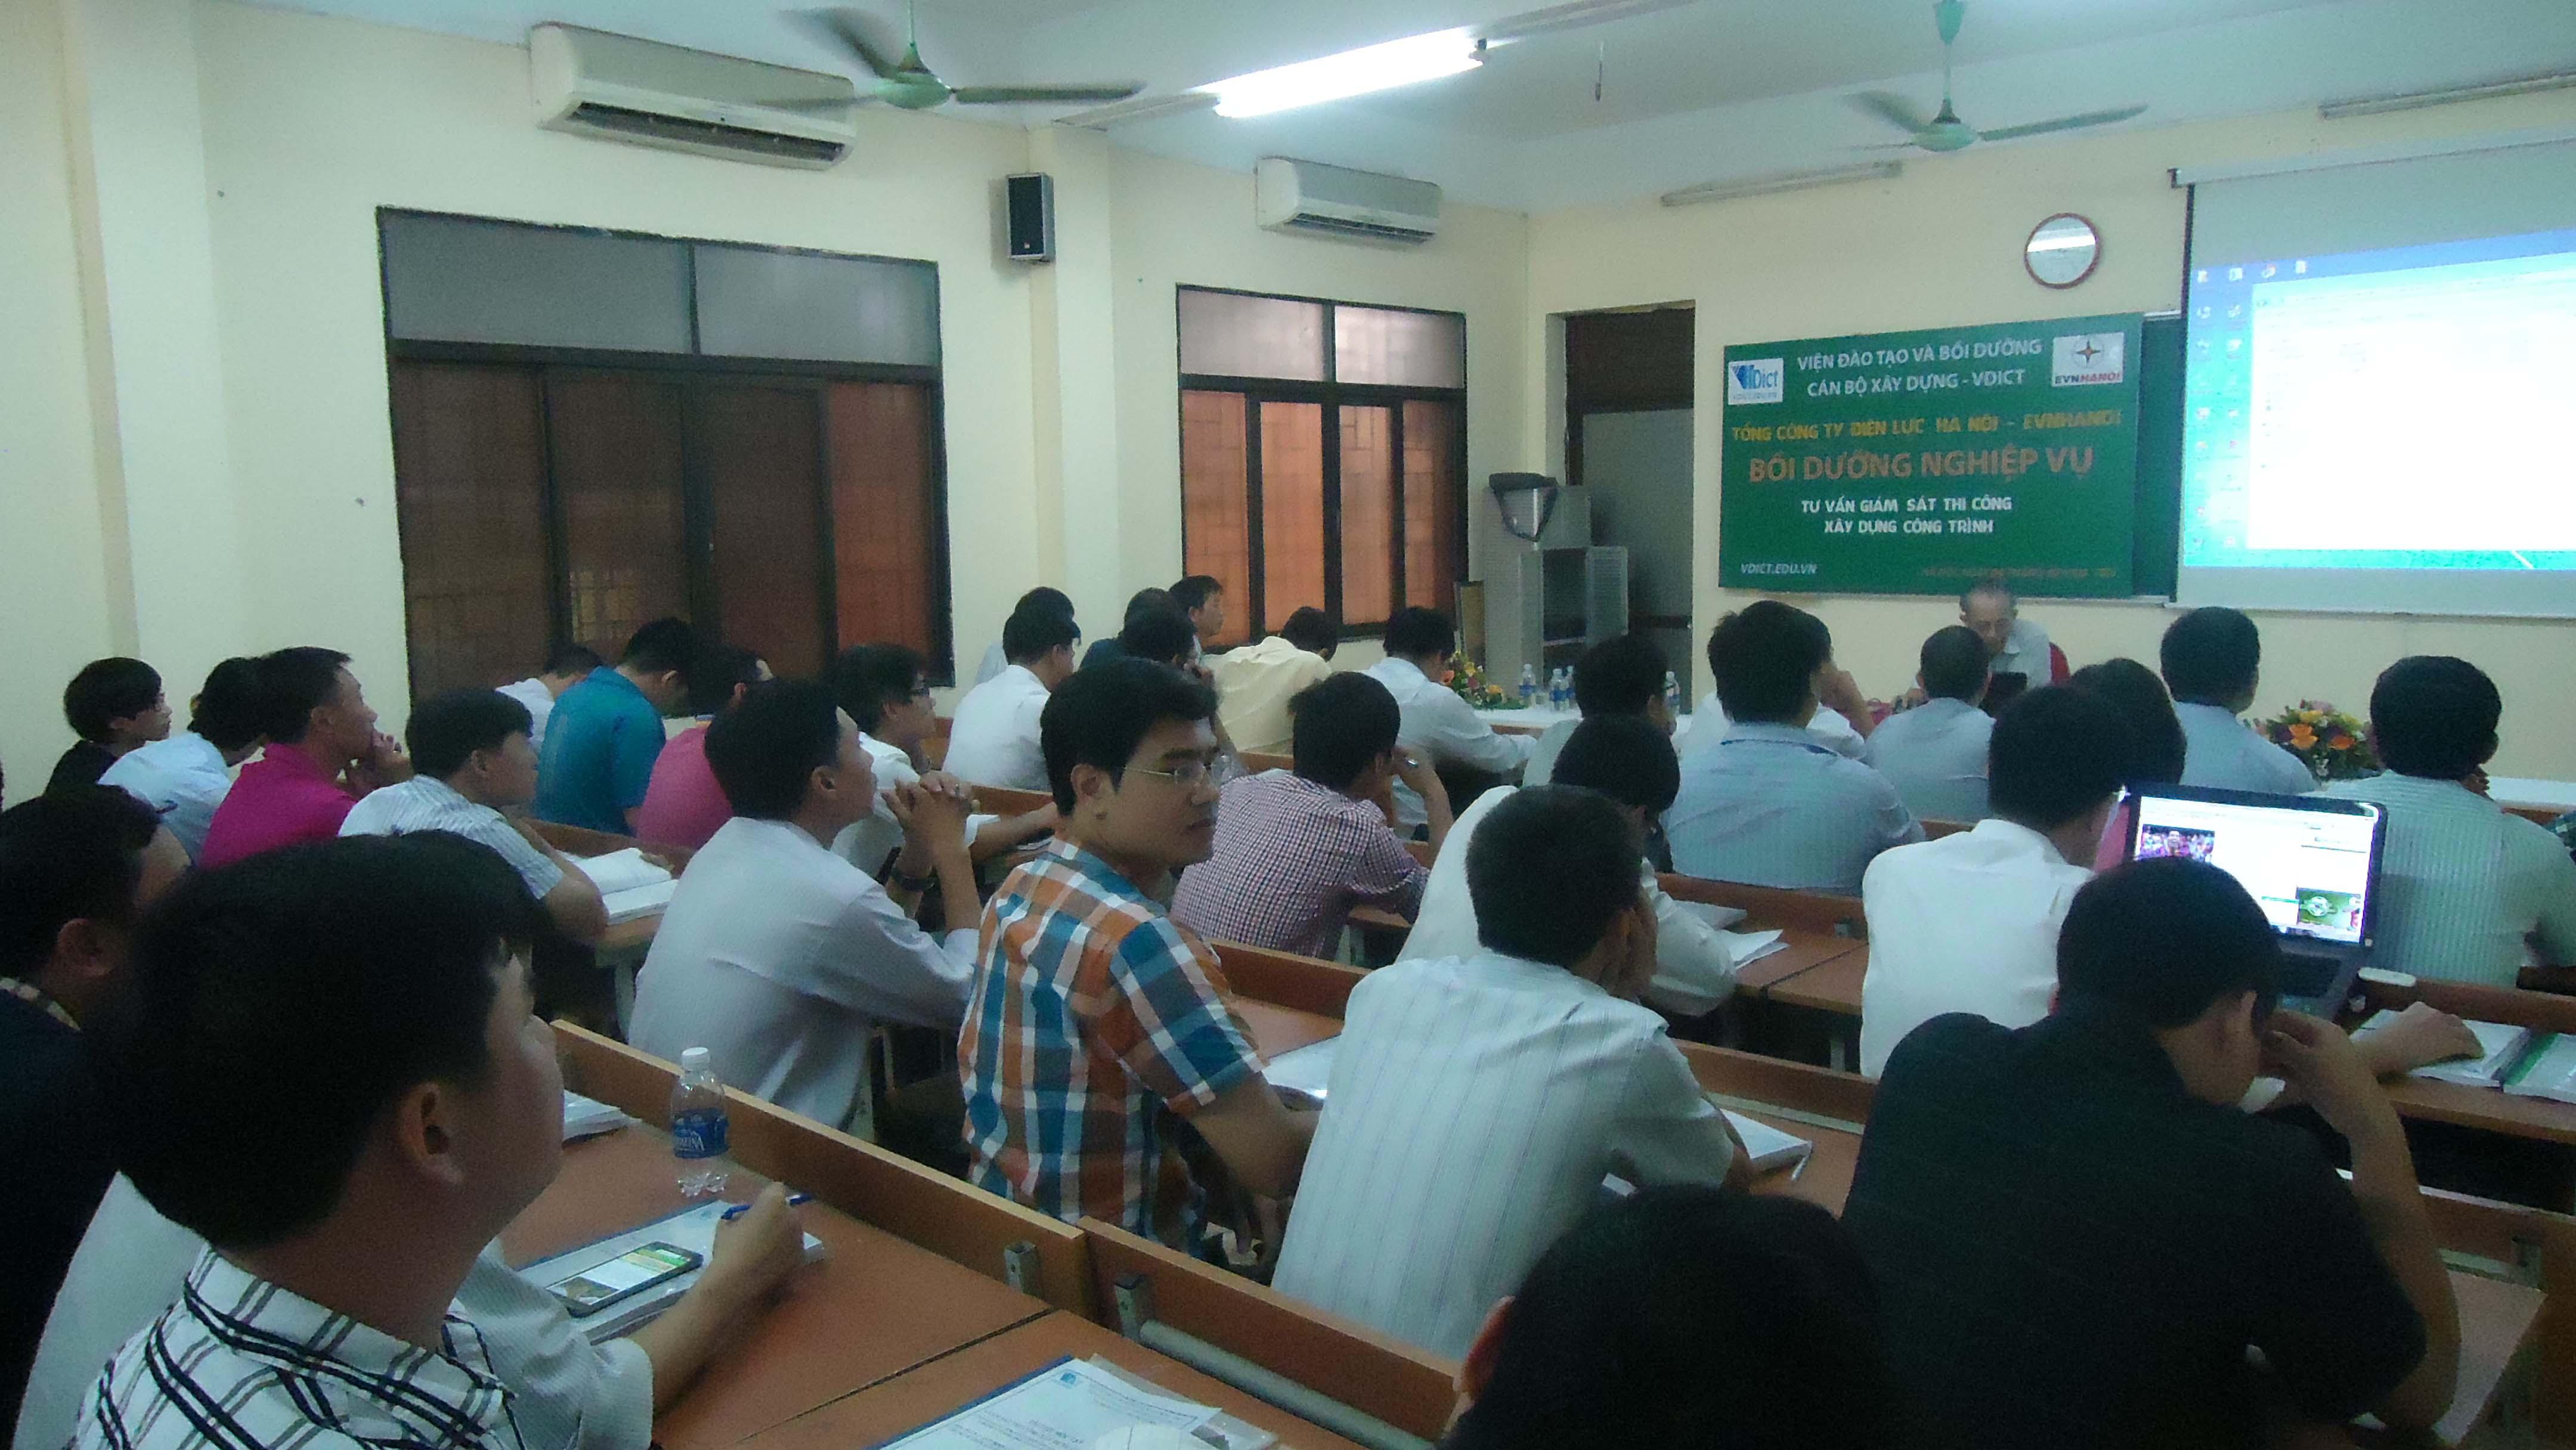 Lớp tư vấn giám sát, khóa học tư vấn giám sát uy tín tại Hà Nội